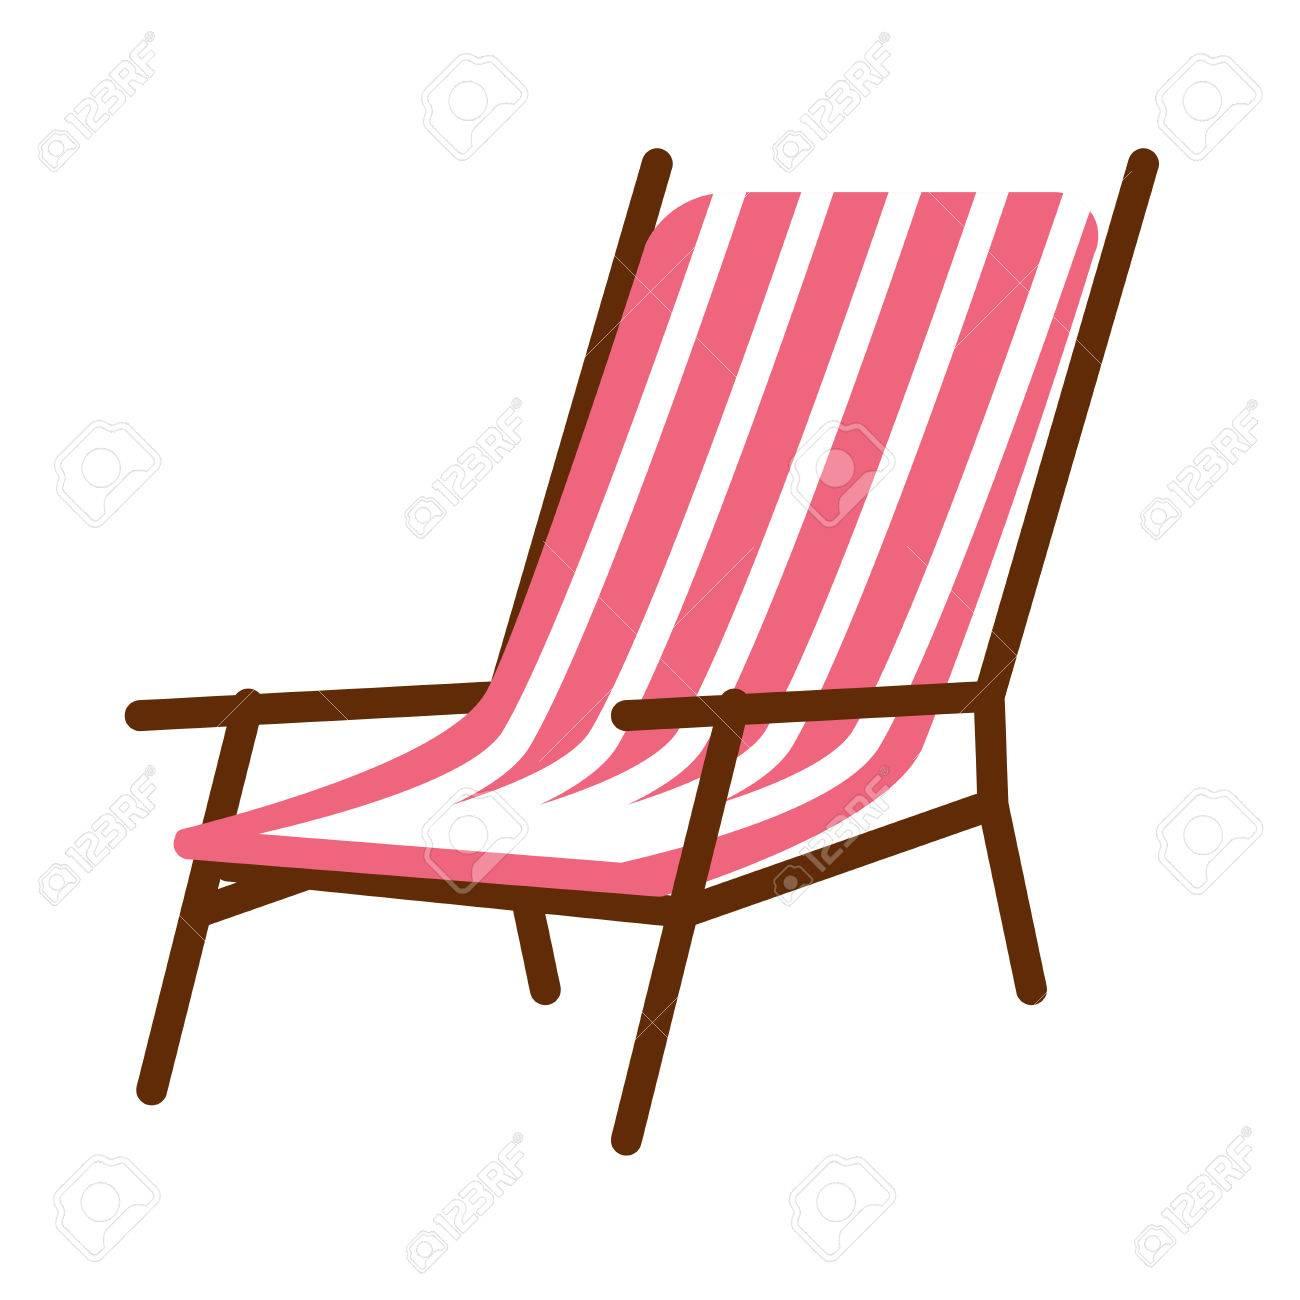 Rayée Longue Sur Chaise Vectorielle Blanc Illustration Isolée D'une Minimale dWBCxoer